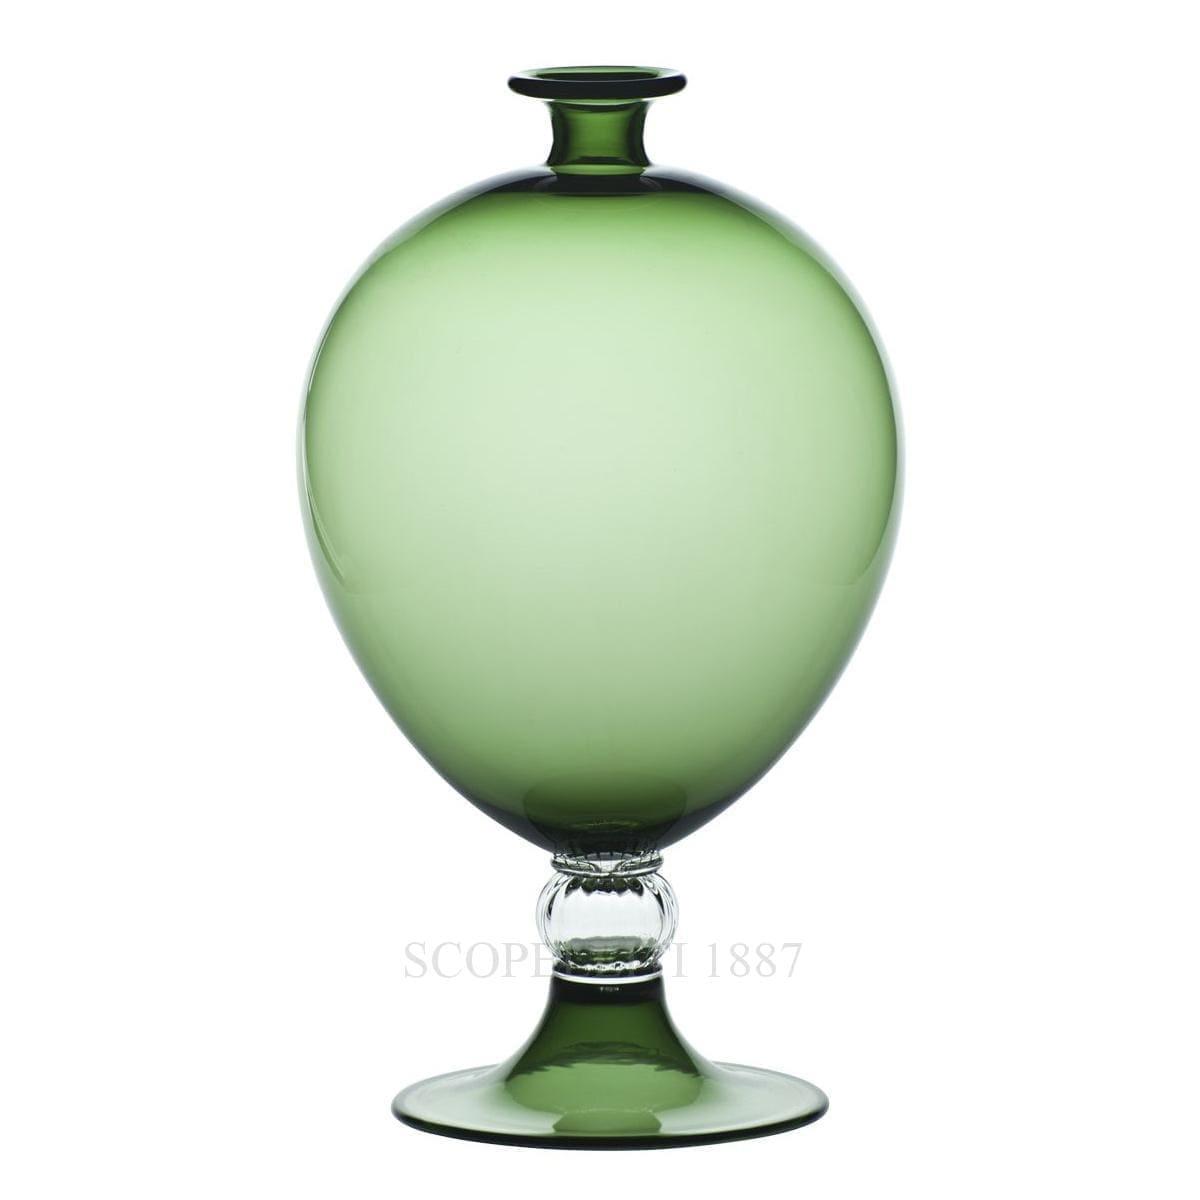 Venini Veronese greenish Vase